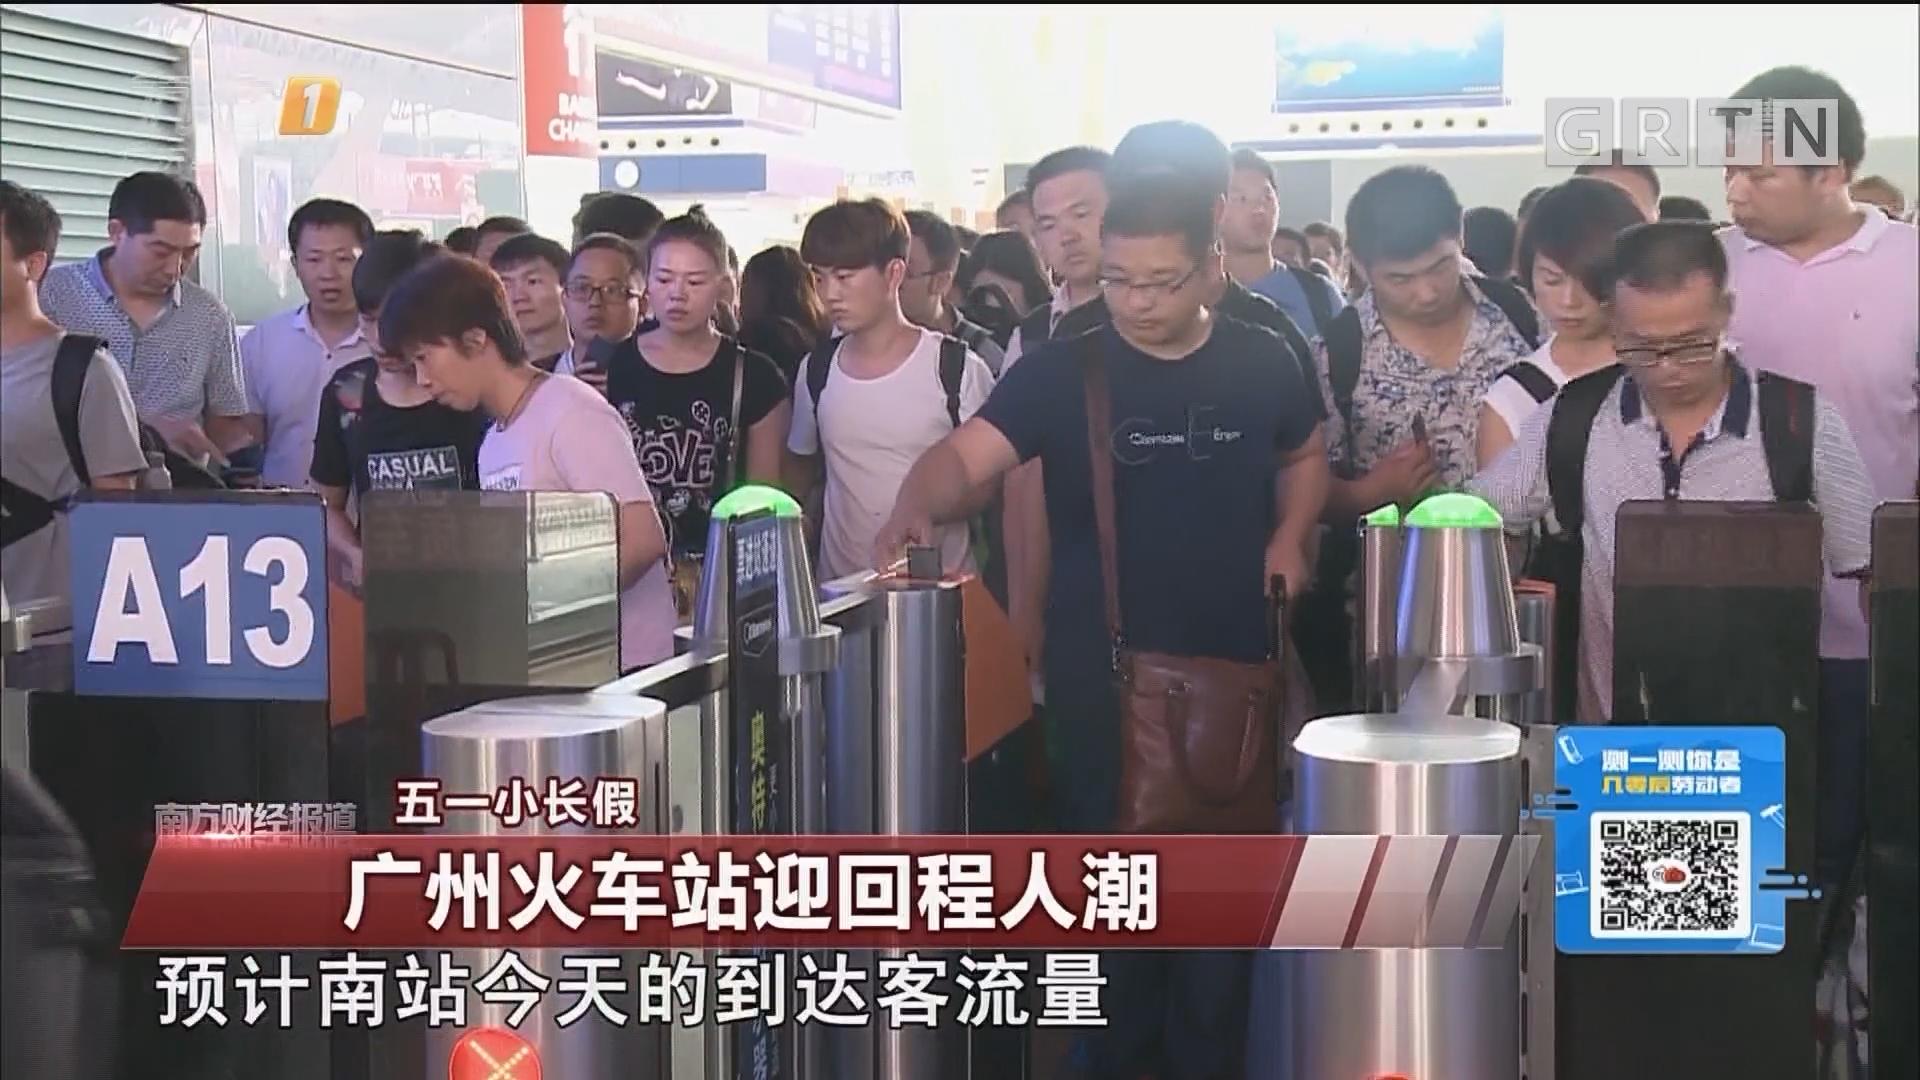 五一小长假:广州火车站迎回程人潮